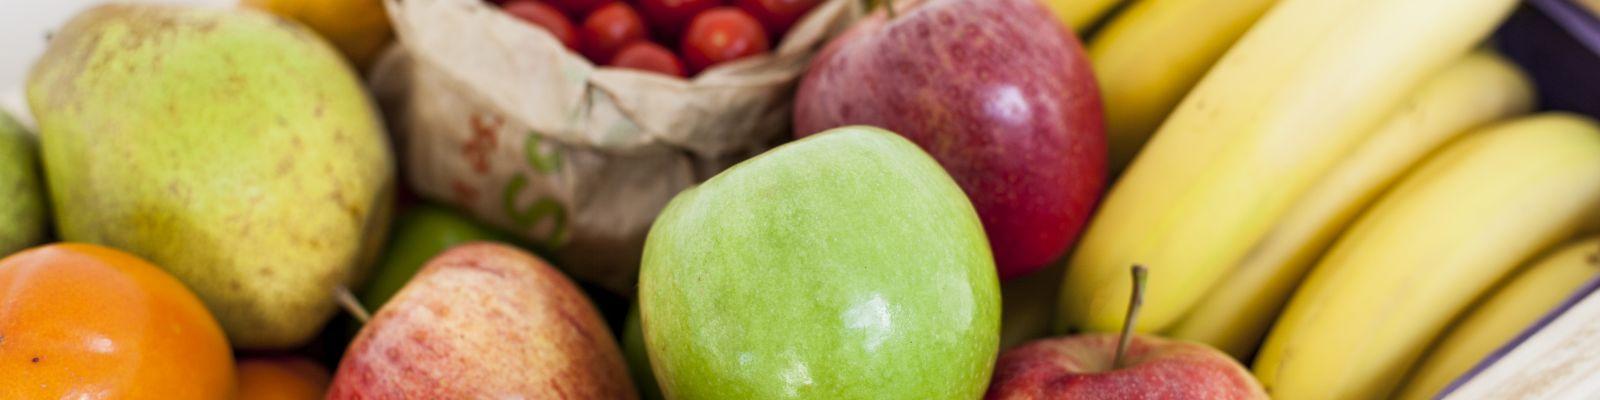 Fruit op het werk?